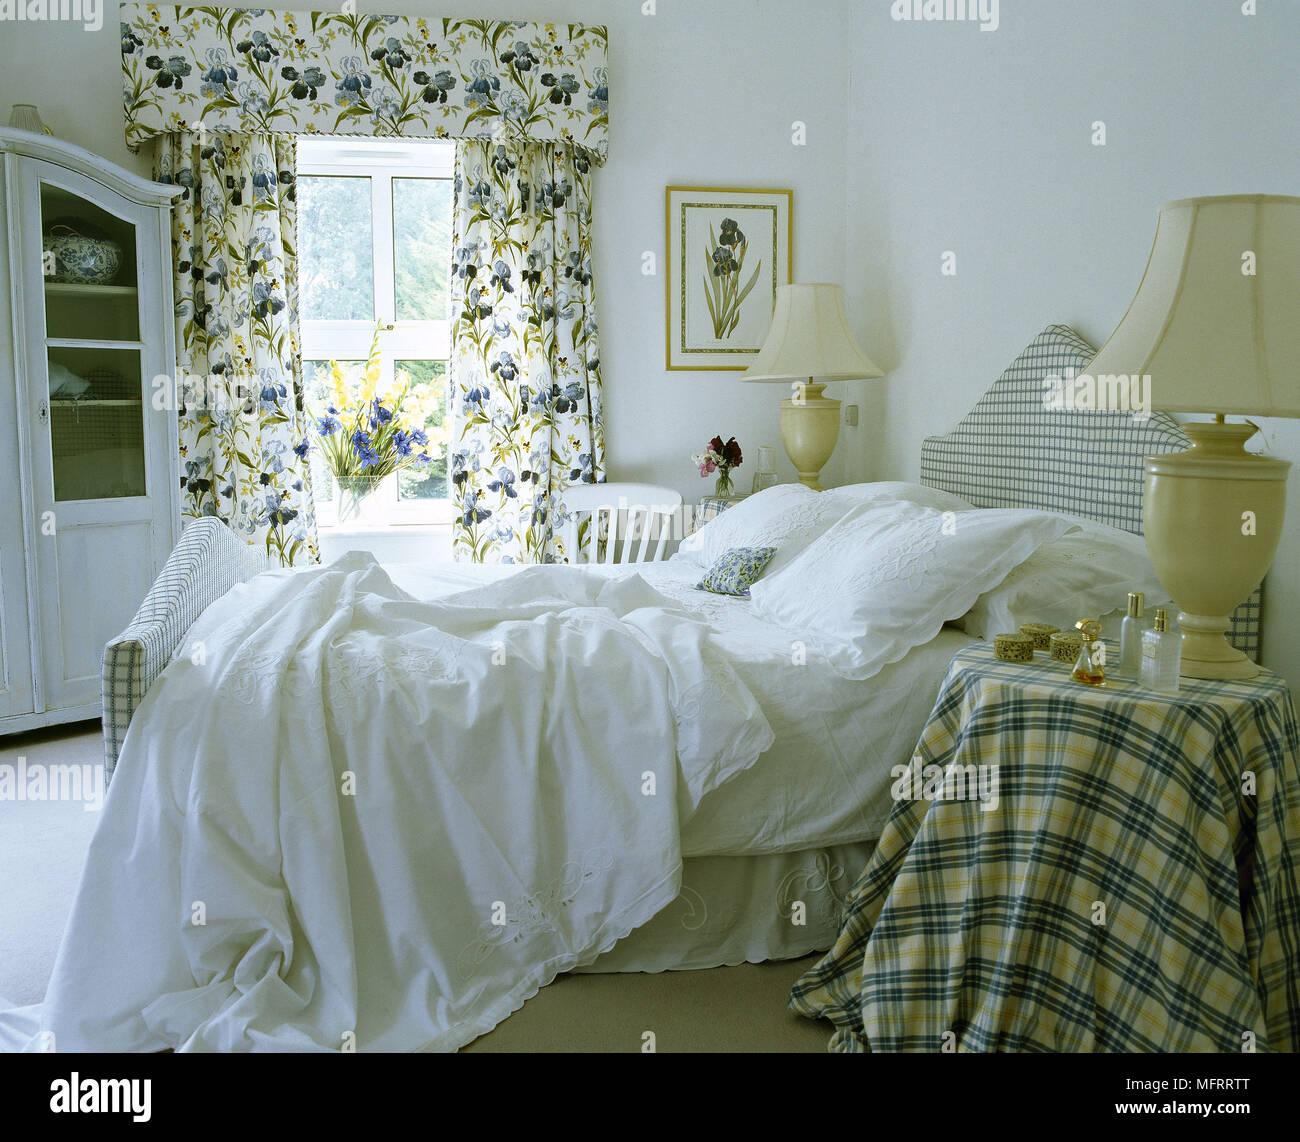 Camera da letto con lenzuola bianche sul letto e motivi floreali ...